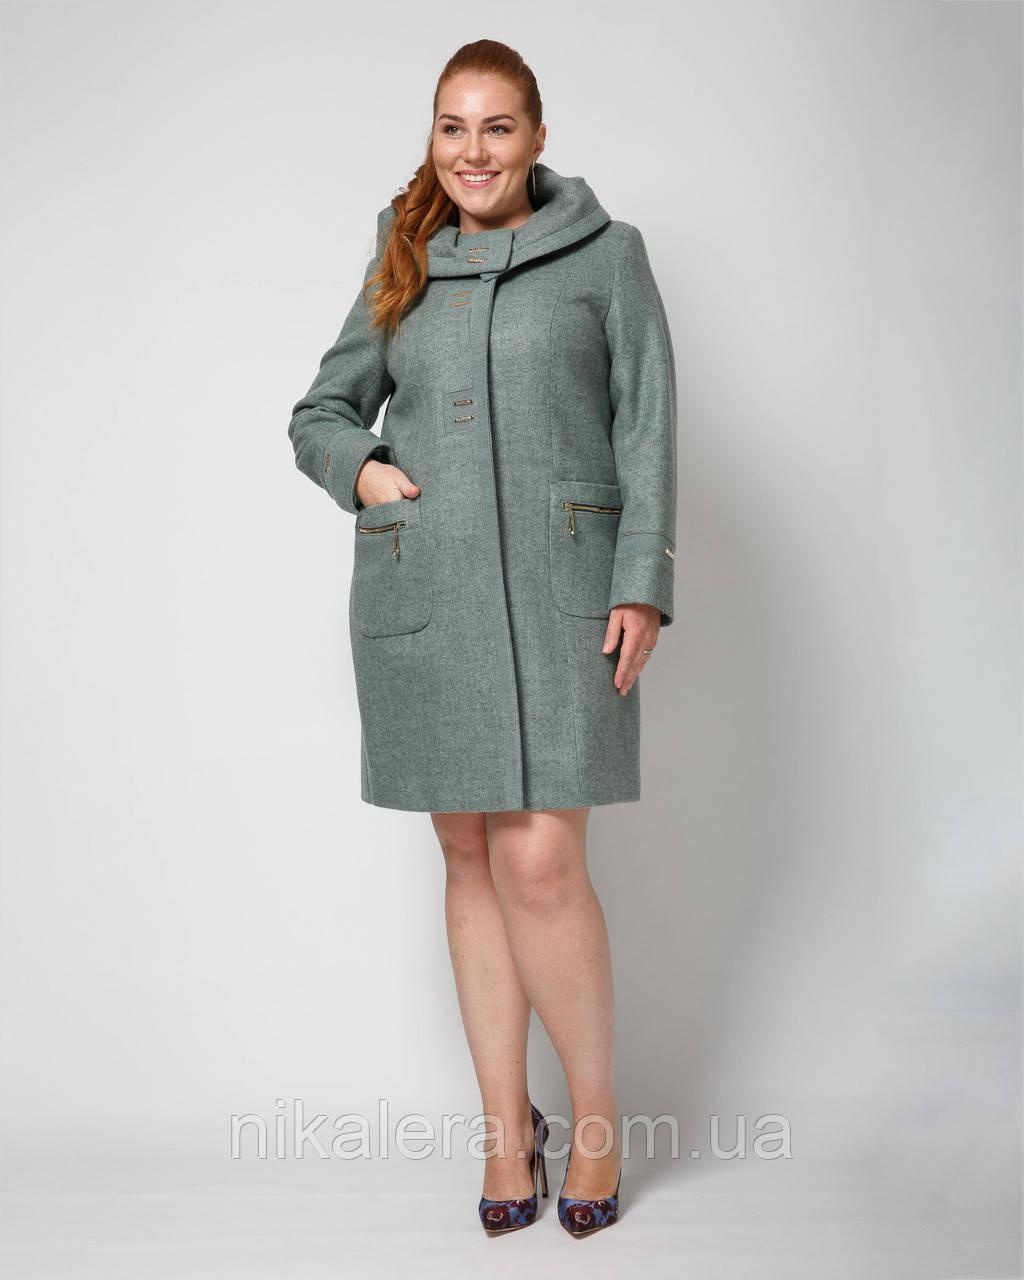 Демисезонное пальто с капюшоном,большие размеры рр 50-62